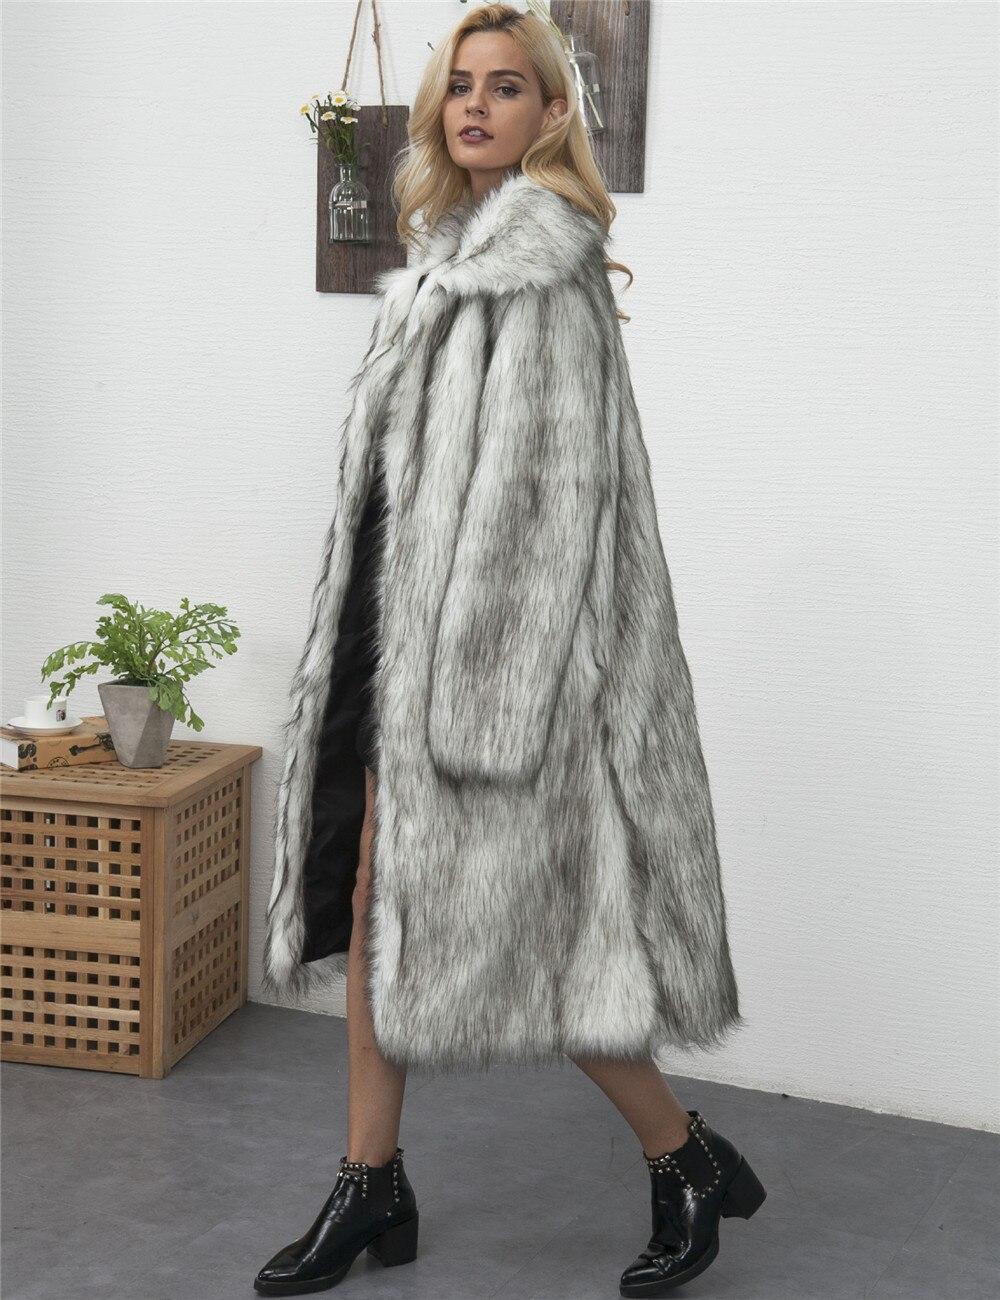 Veste Fourrure Blanc Mode Grande À Long Femmes Manteau ardoisé kaki Hiver Lâche 2019 Blanc Taille Chaud Faux Vêtements Épais Décontracté Longues gris Manches De Coupe wFOUnpp